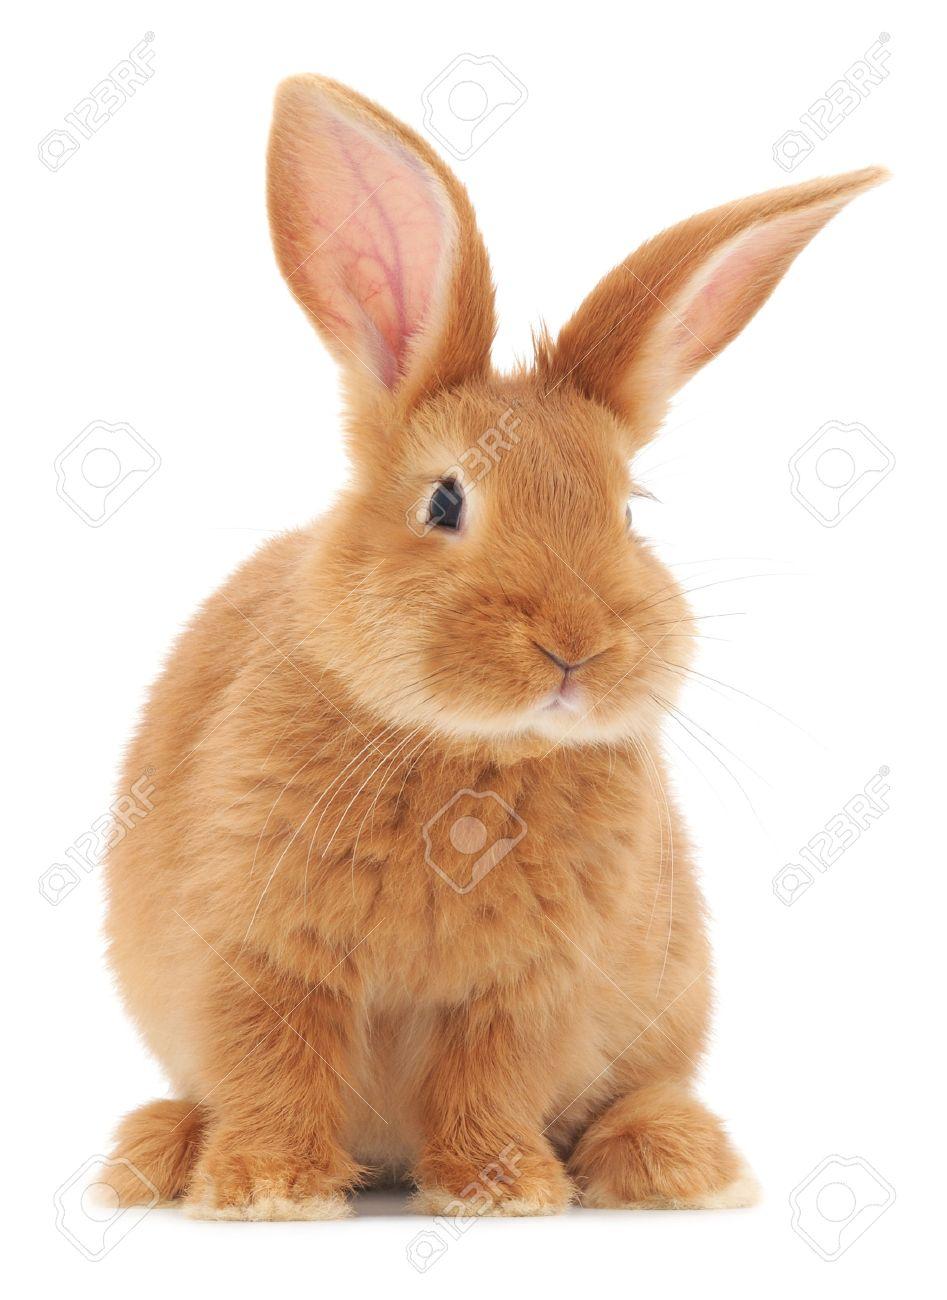 Vecteur d'image d'un lapin brun. Banque d'images - 22547466